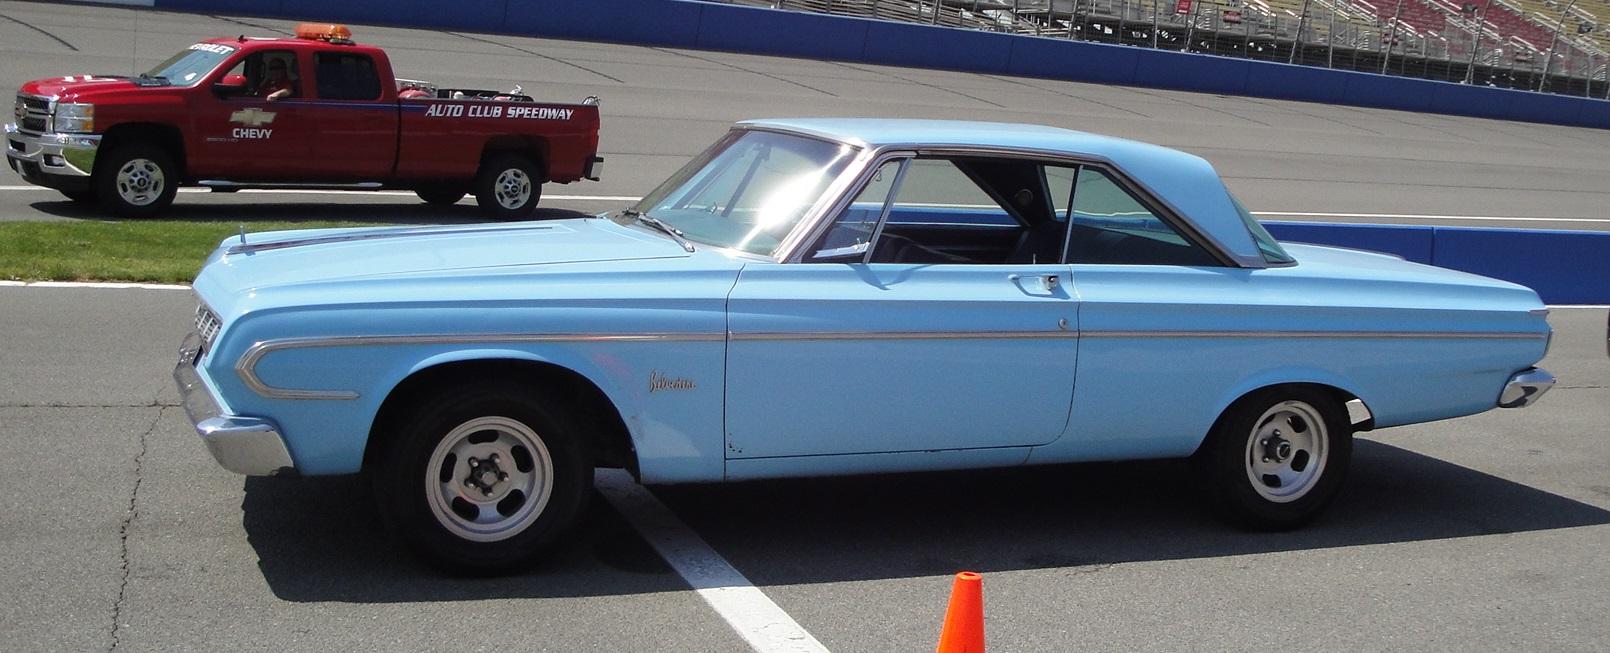 Classic Car at Crutchfield.com